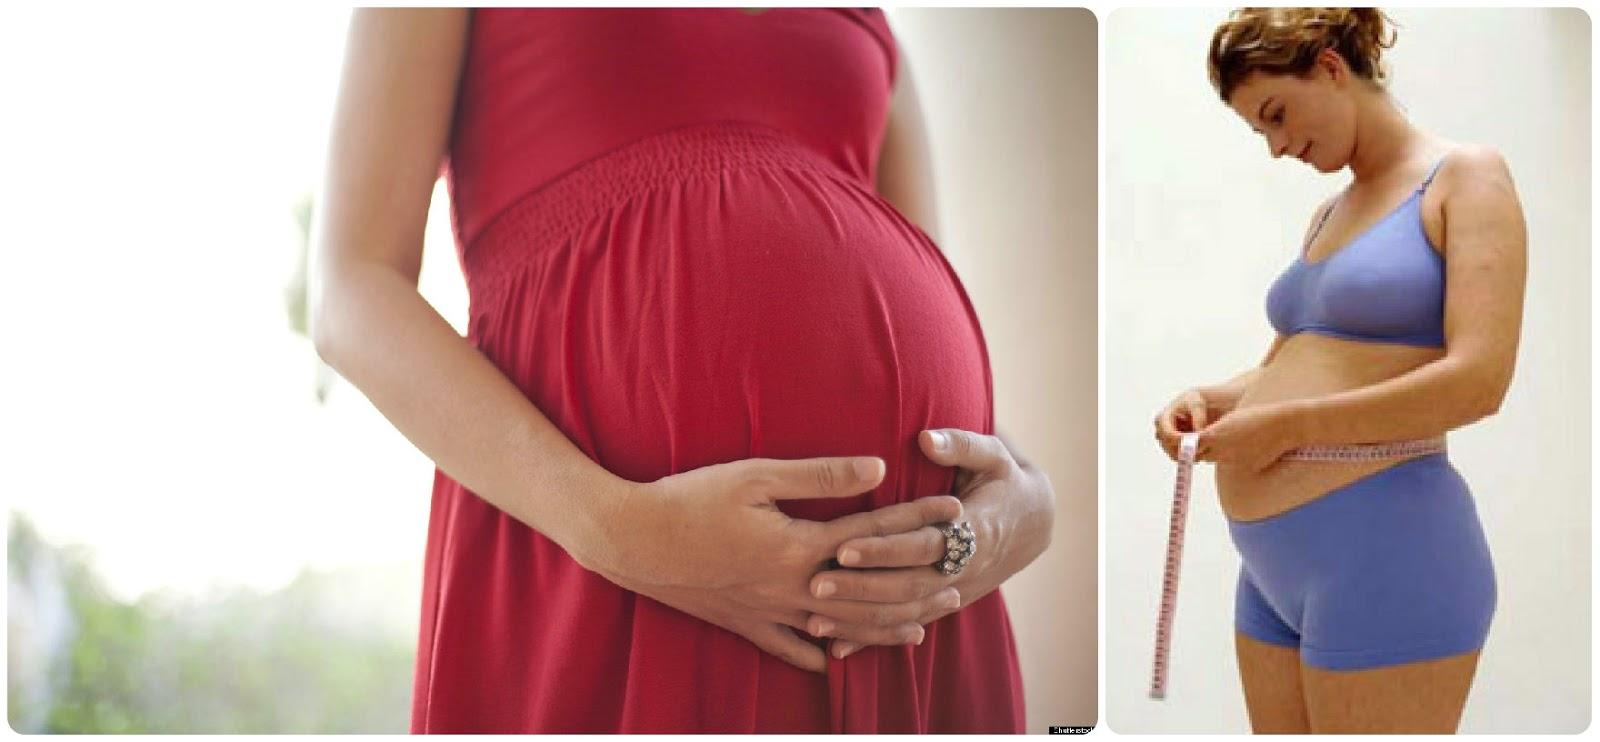 22 týden těhotenství, těhotenství